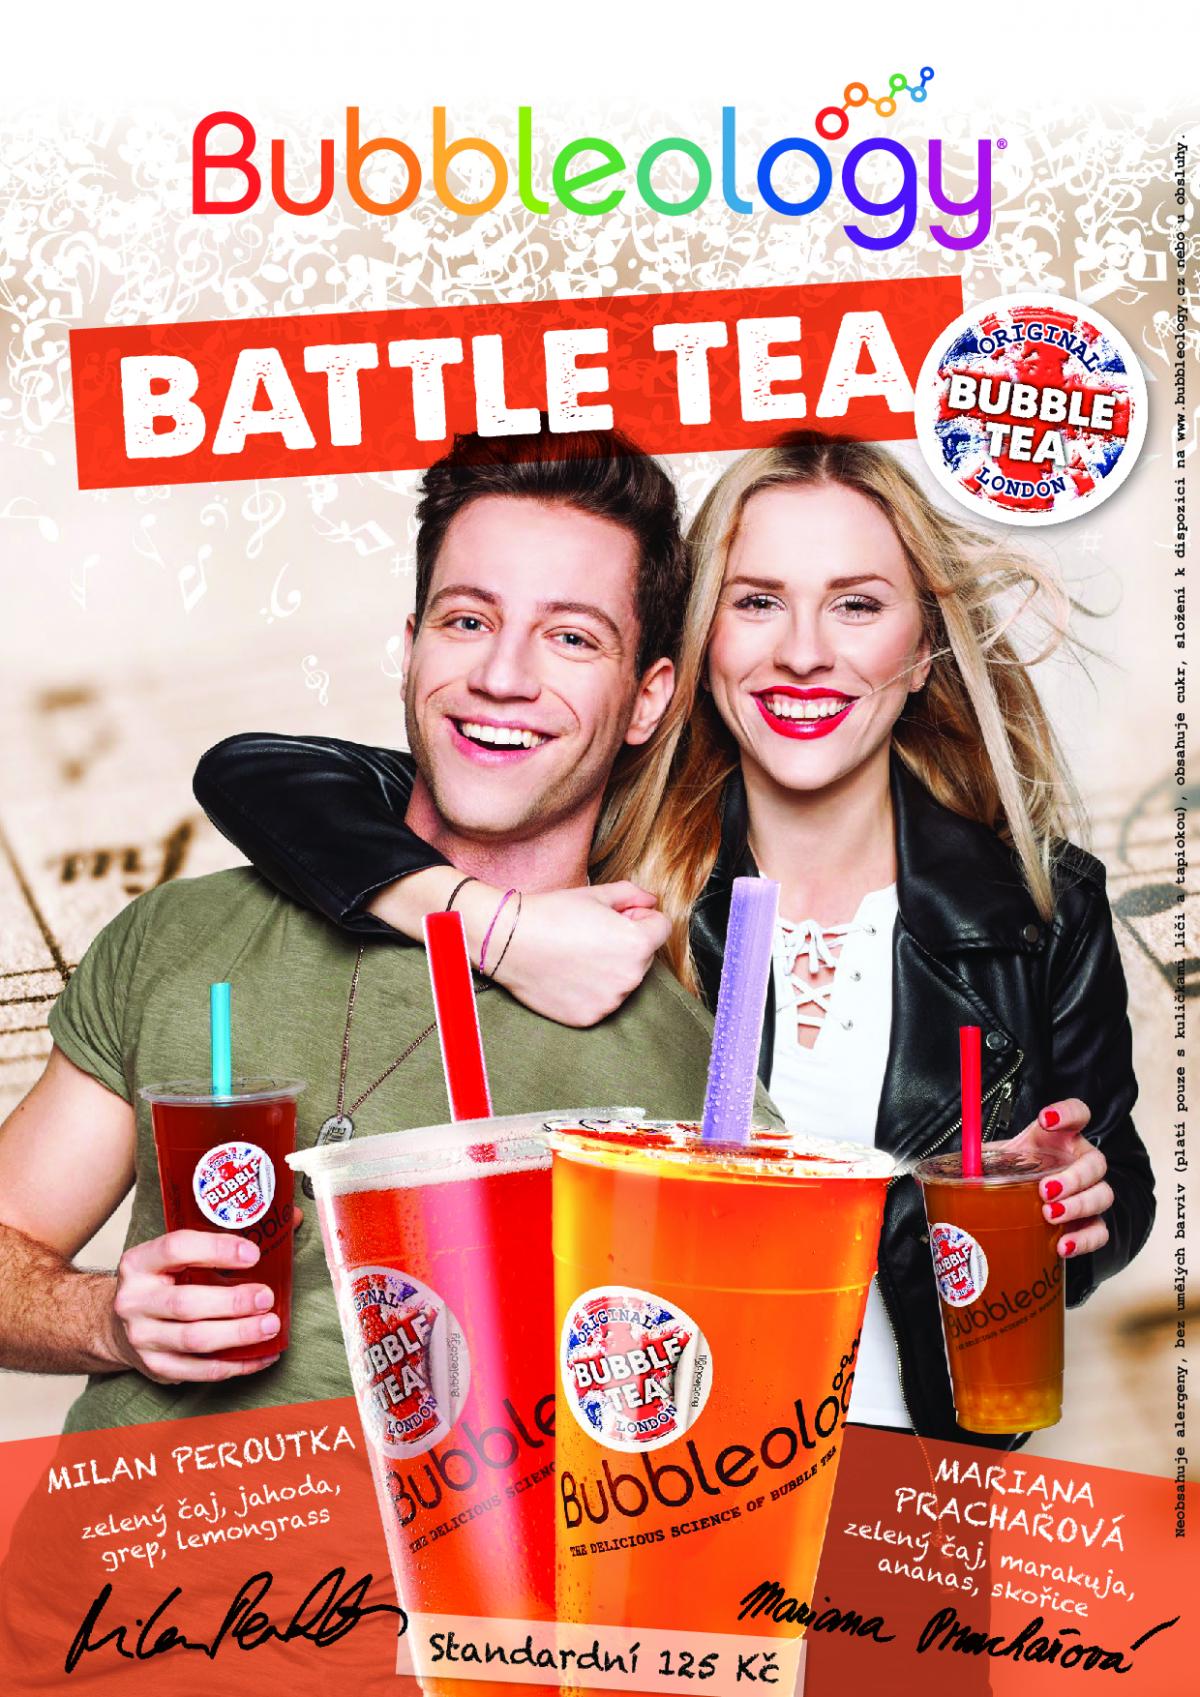 Nová limitovaná edice Bubbleology nazvaná Battle Tea